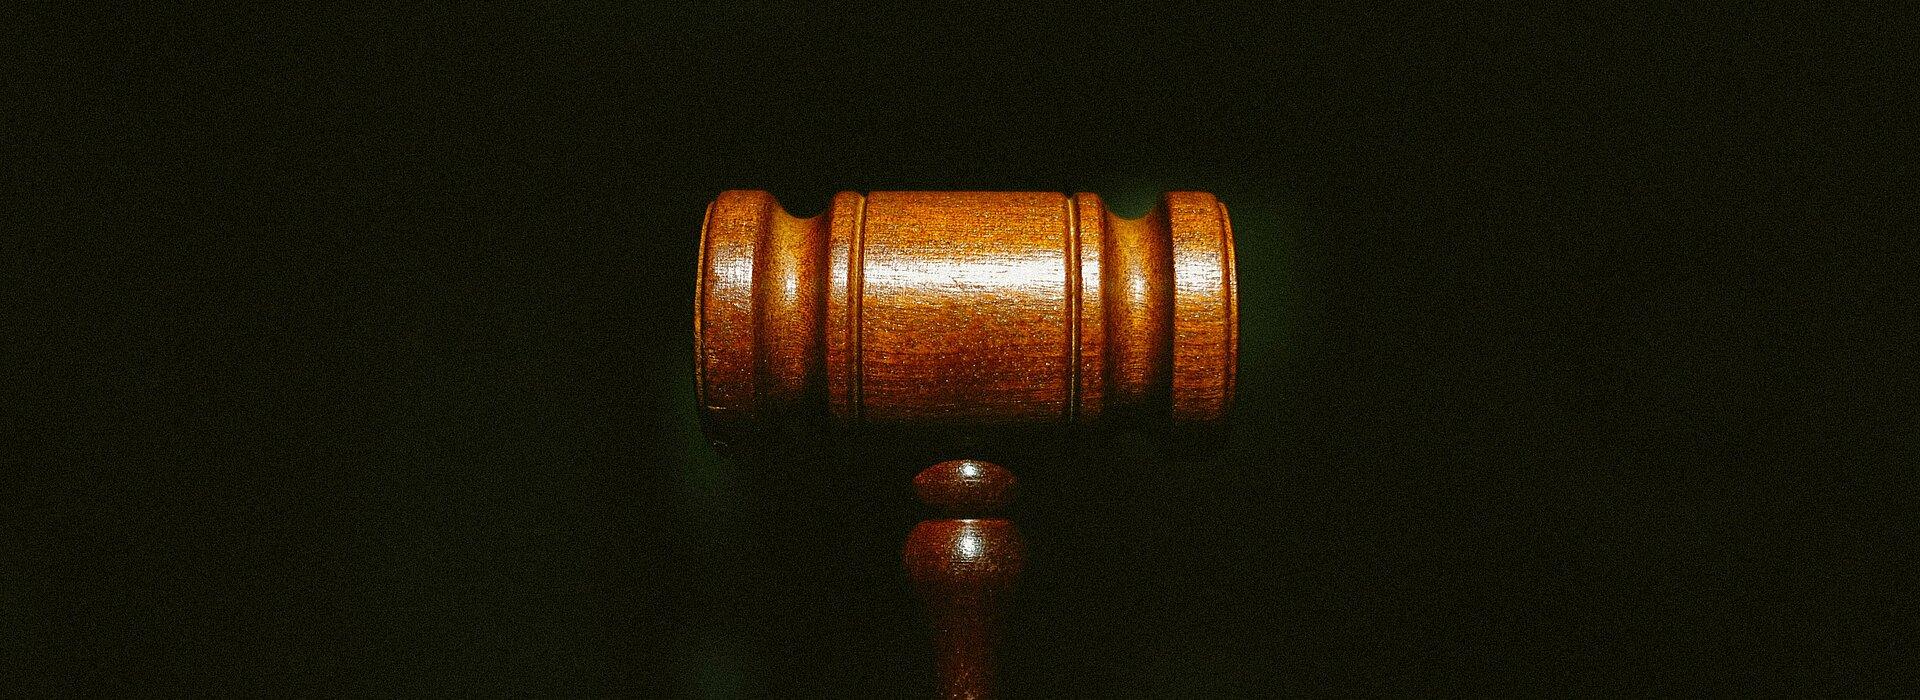 Na foto um malhete marrom, o famoso martelo utilizado pelo juiz, está centralizado no meio. O fundo é todo escuro e o foco está somente no martelo.